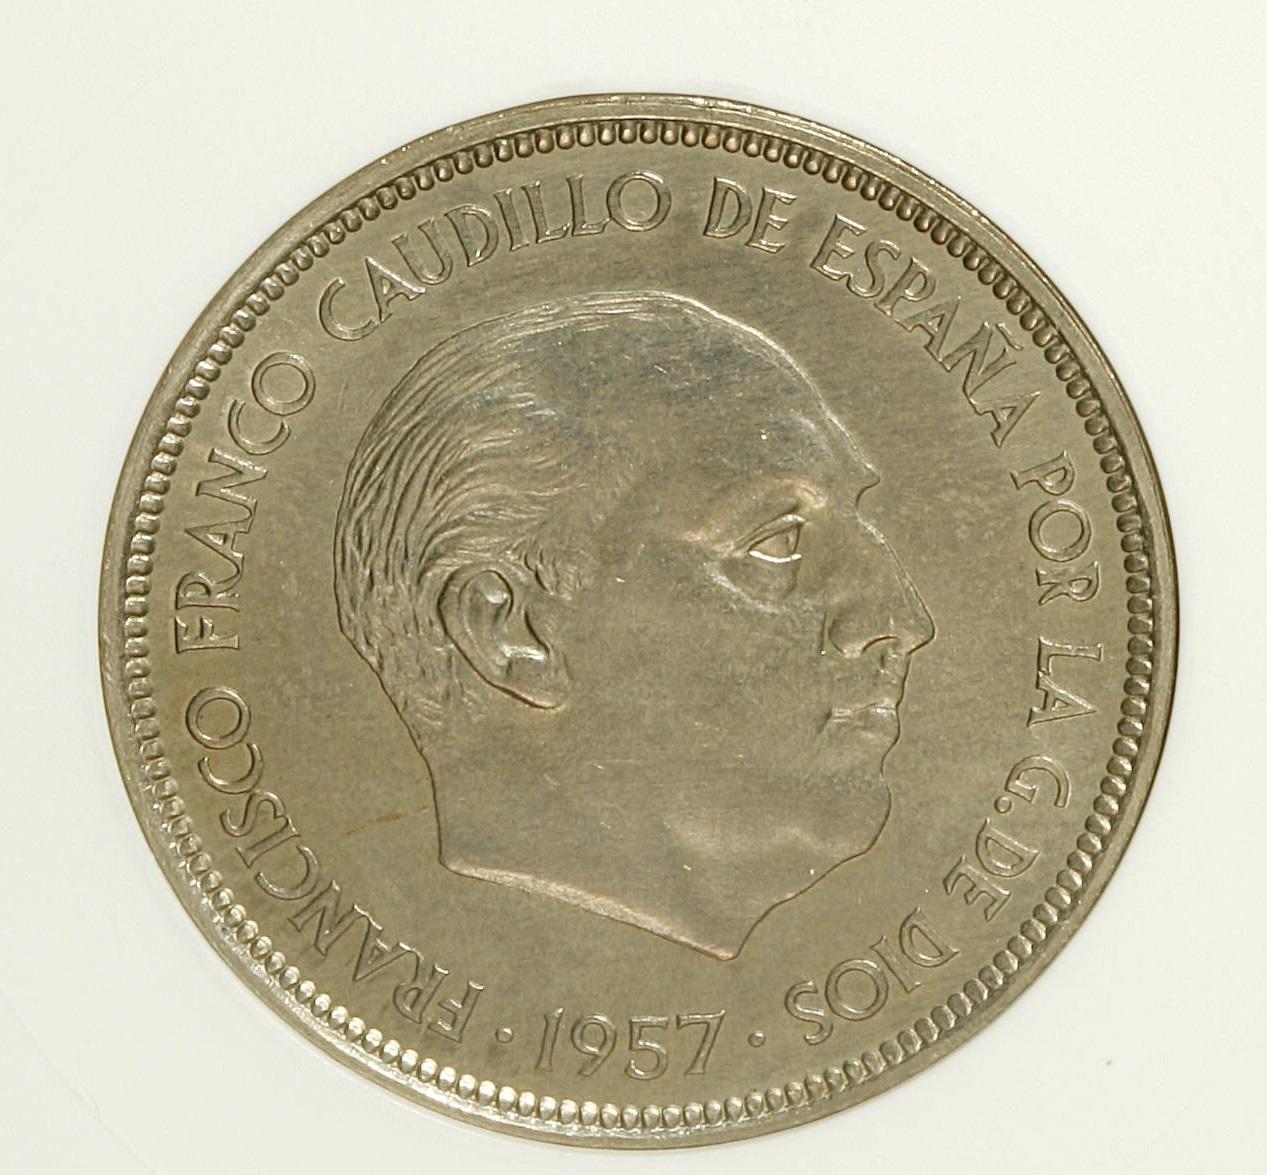 50 pesetas 1957 *68 ¿troquelada u original? 50_PTAS_1